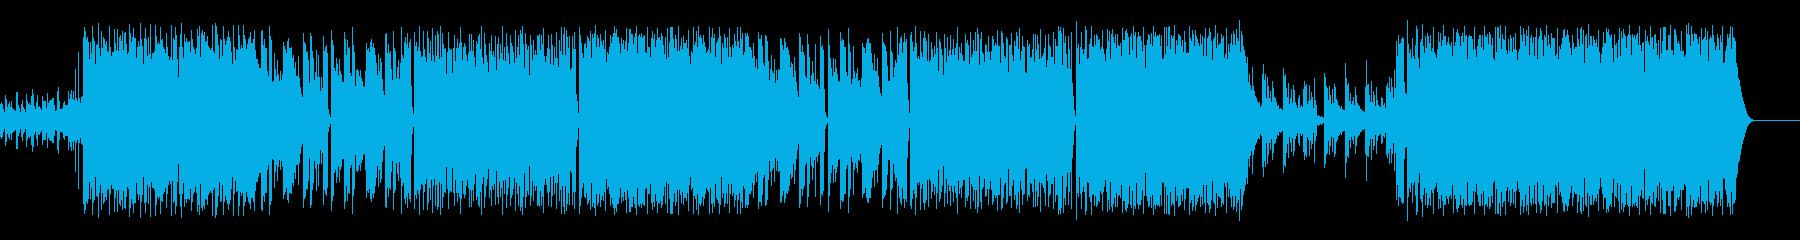 ギター/ヒップホップ/動画/弦楽器/2の再生済みの波形